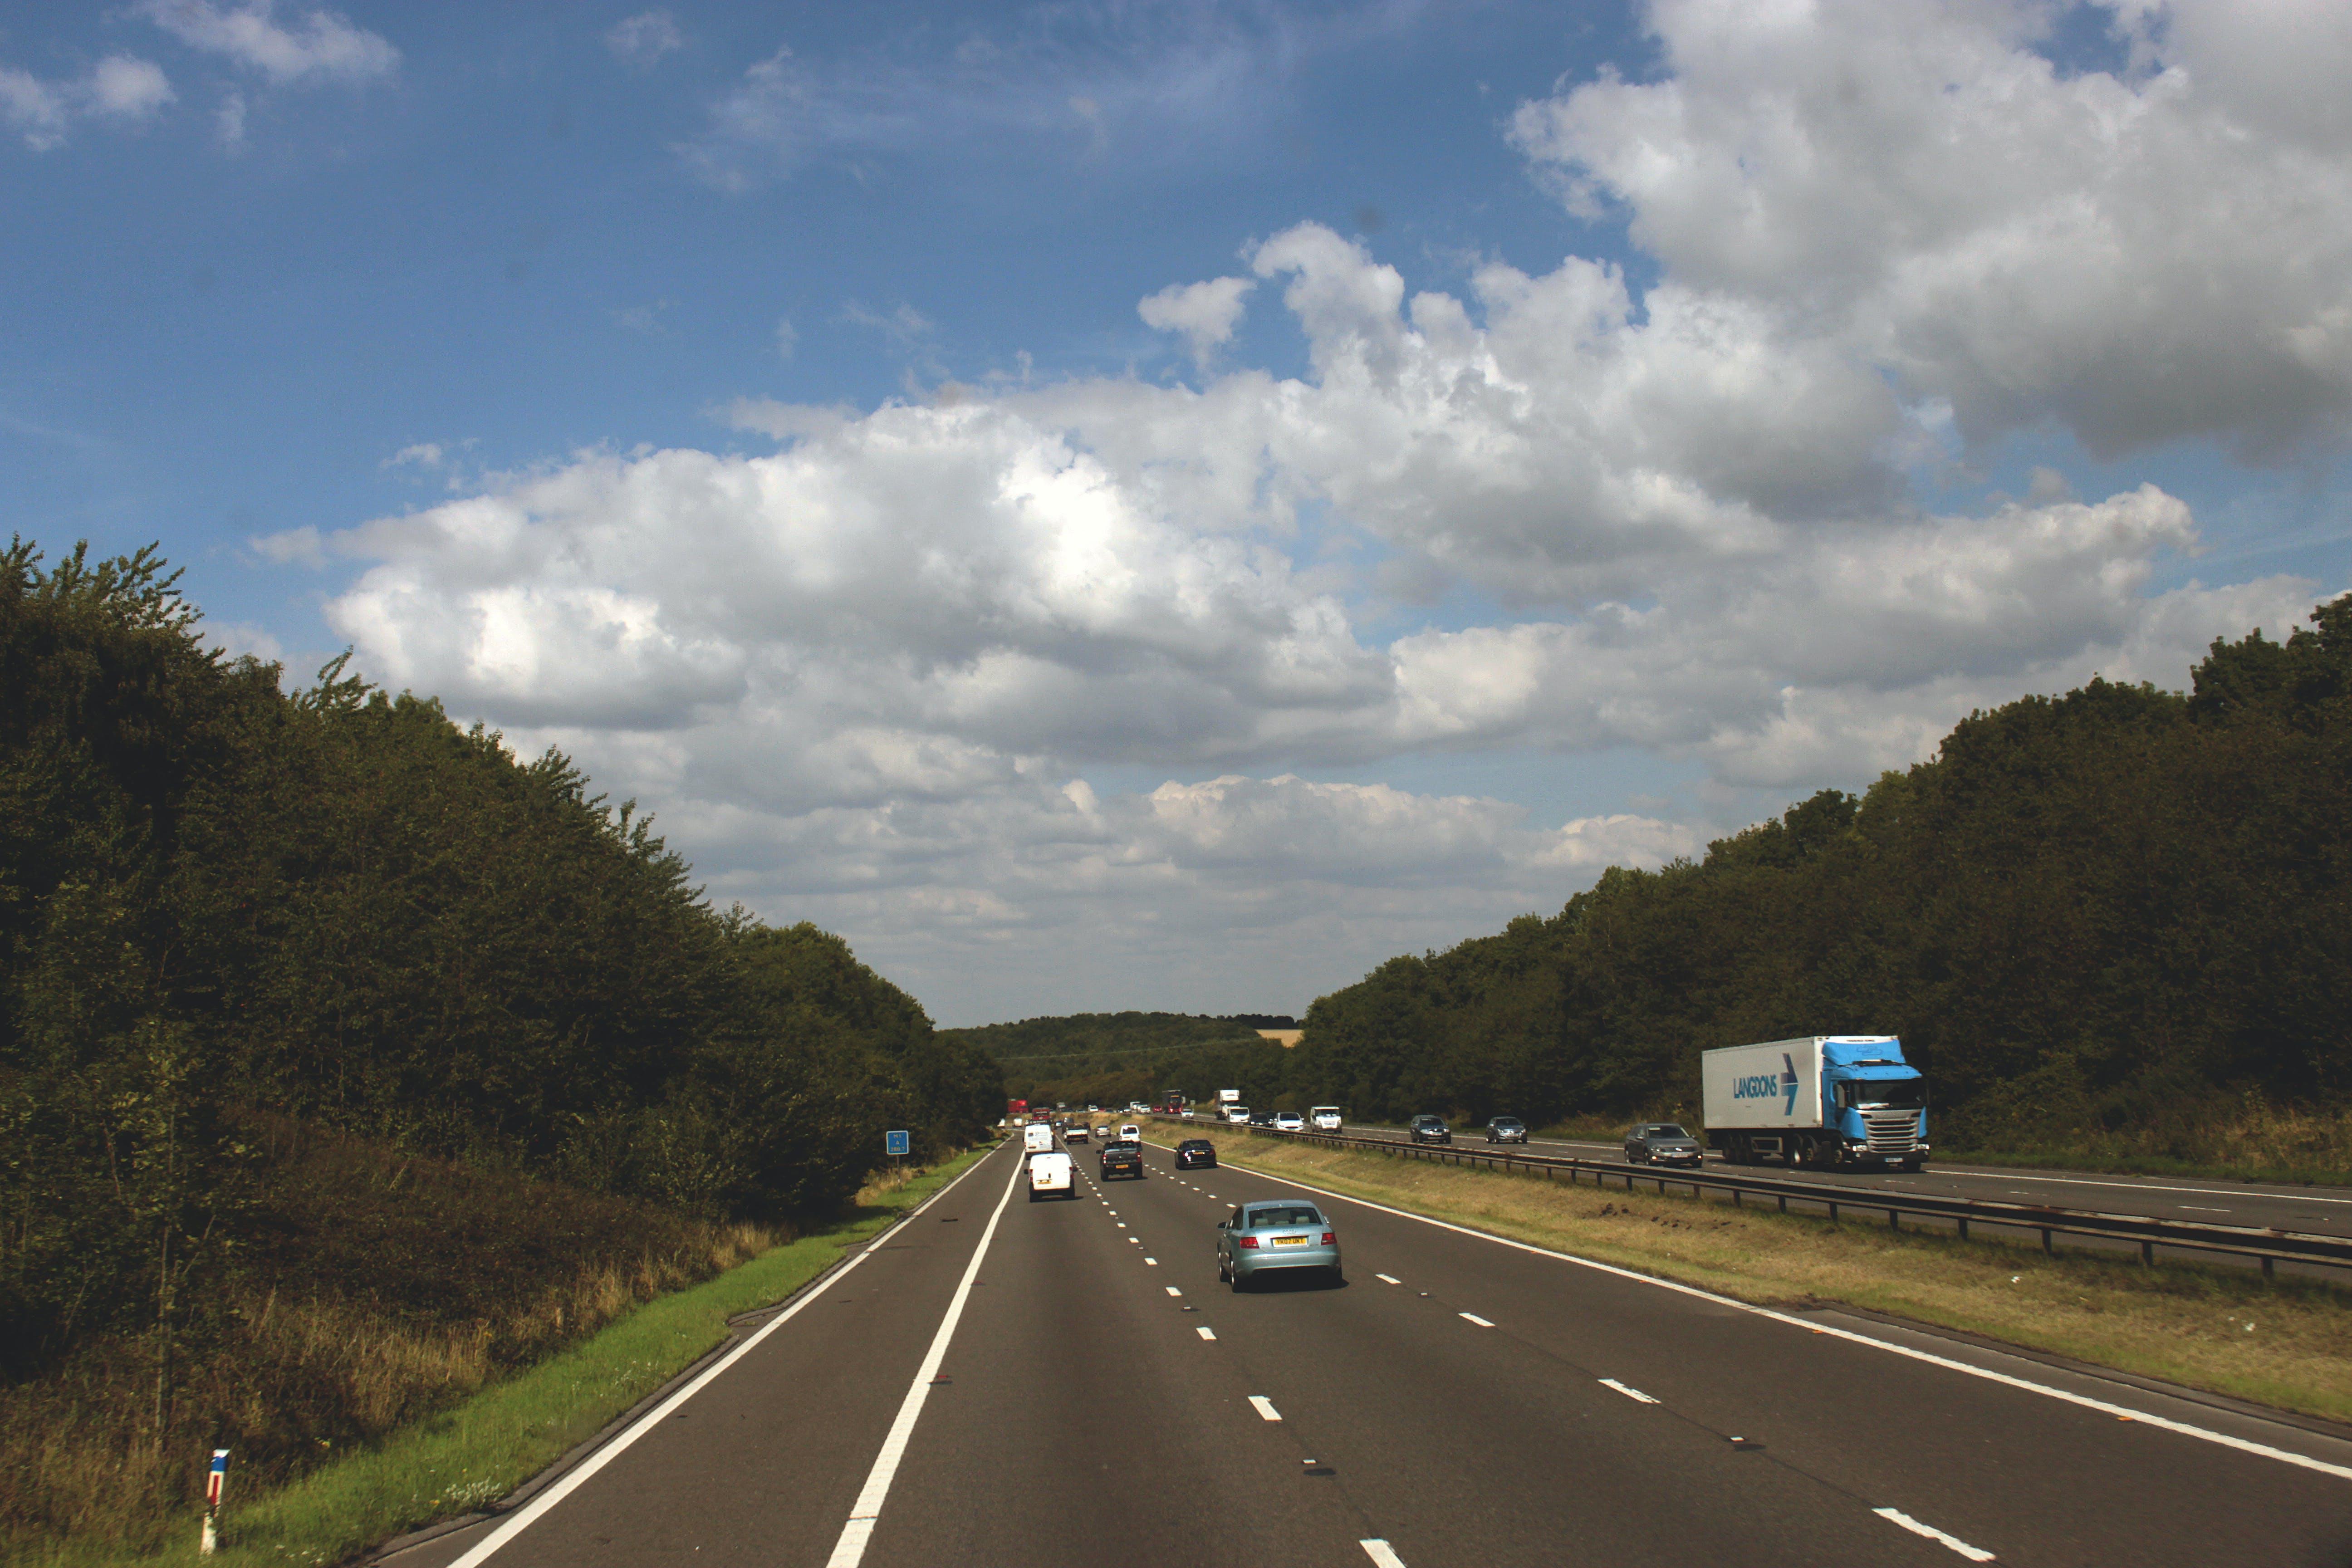 countryside, highway, motorway